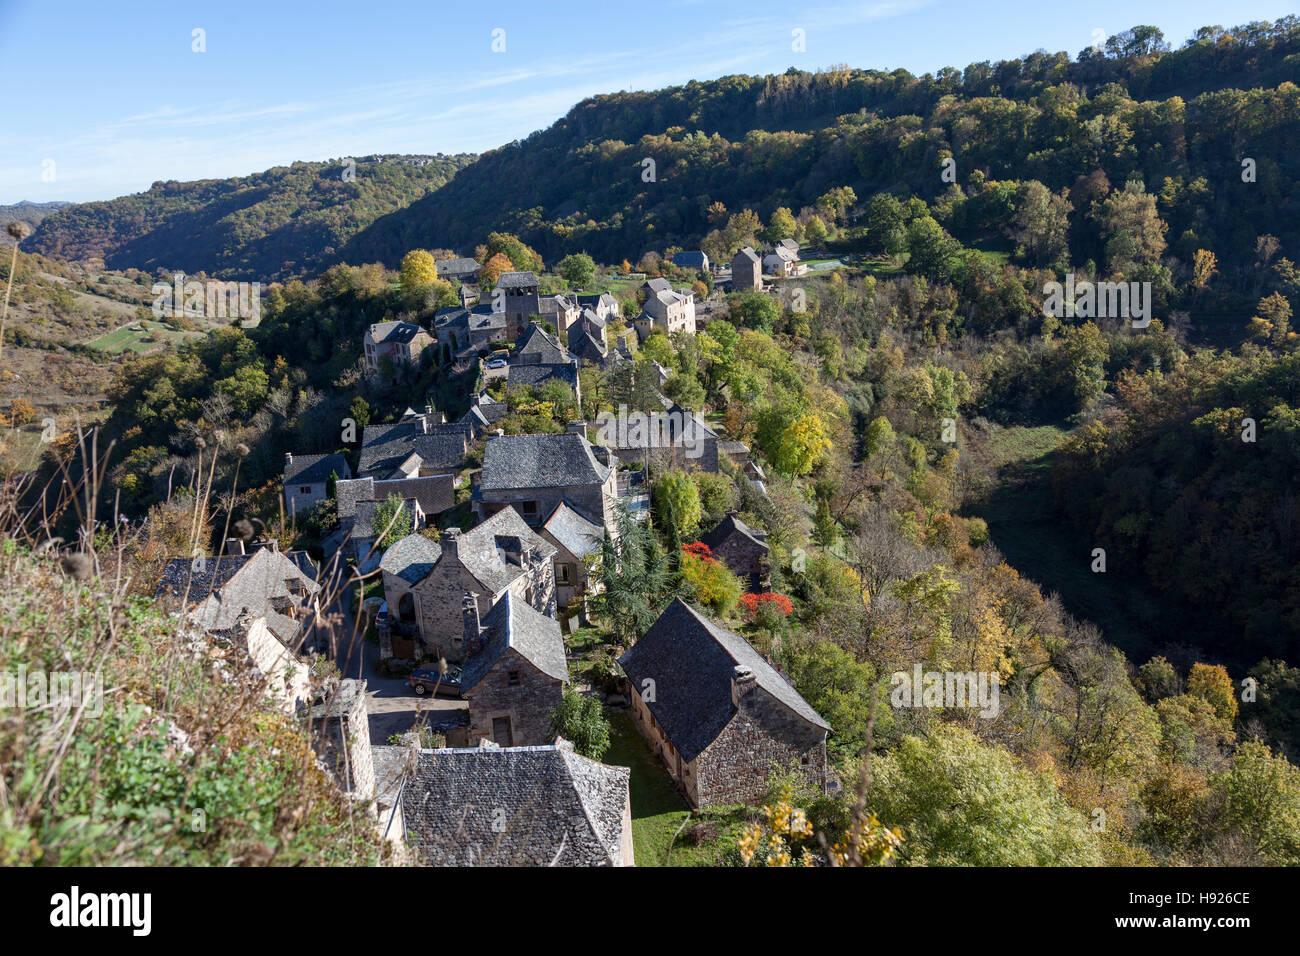 Un ángulo alto shot en los tejados de las casas de la aldea de Rodelle encaramado sobre su espolón rocoso Imagen De Stock